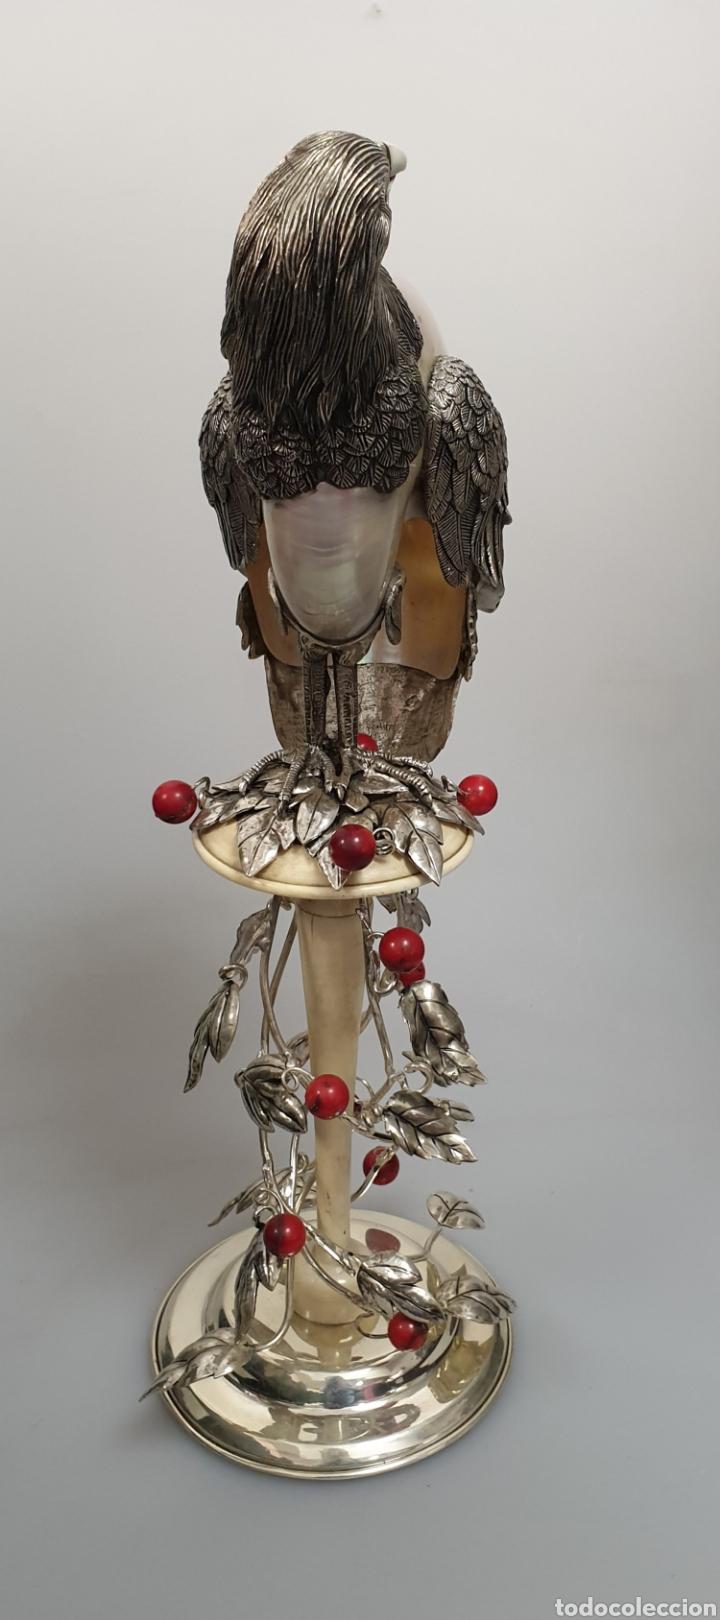 Antigüedades: ANIMAL ÁGUILA EN PLATA CONCHA MARFIL Y CORAL CON CONTRASTE - Foto 3 - 168973497